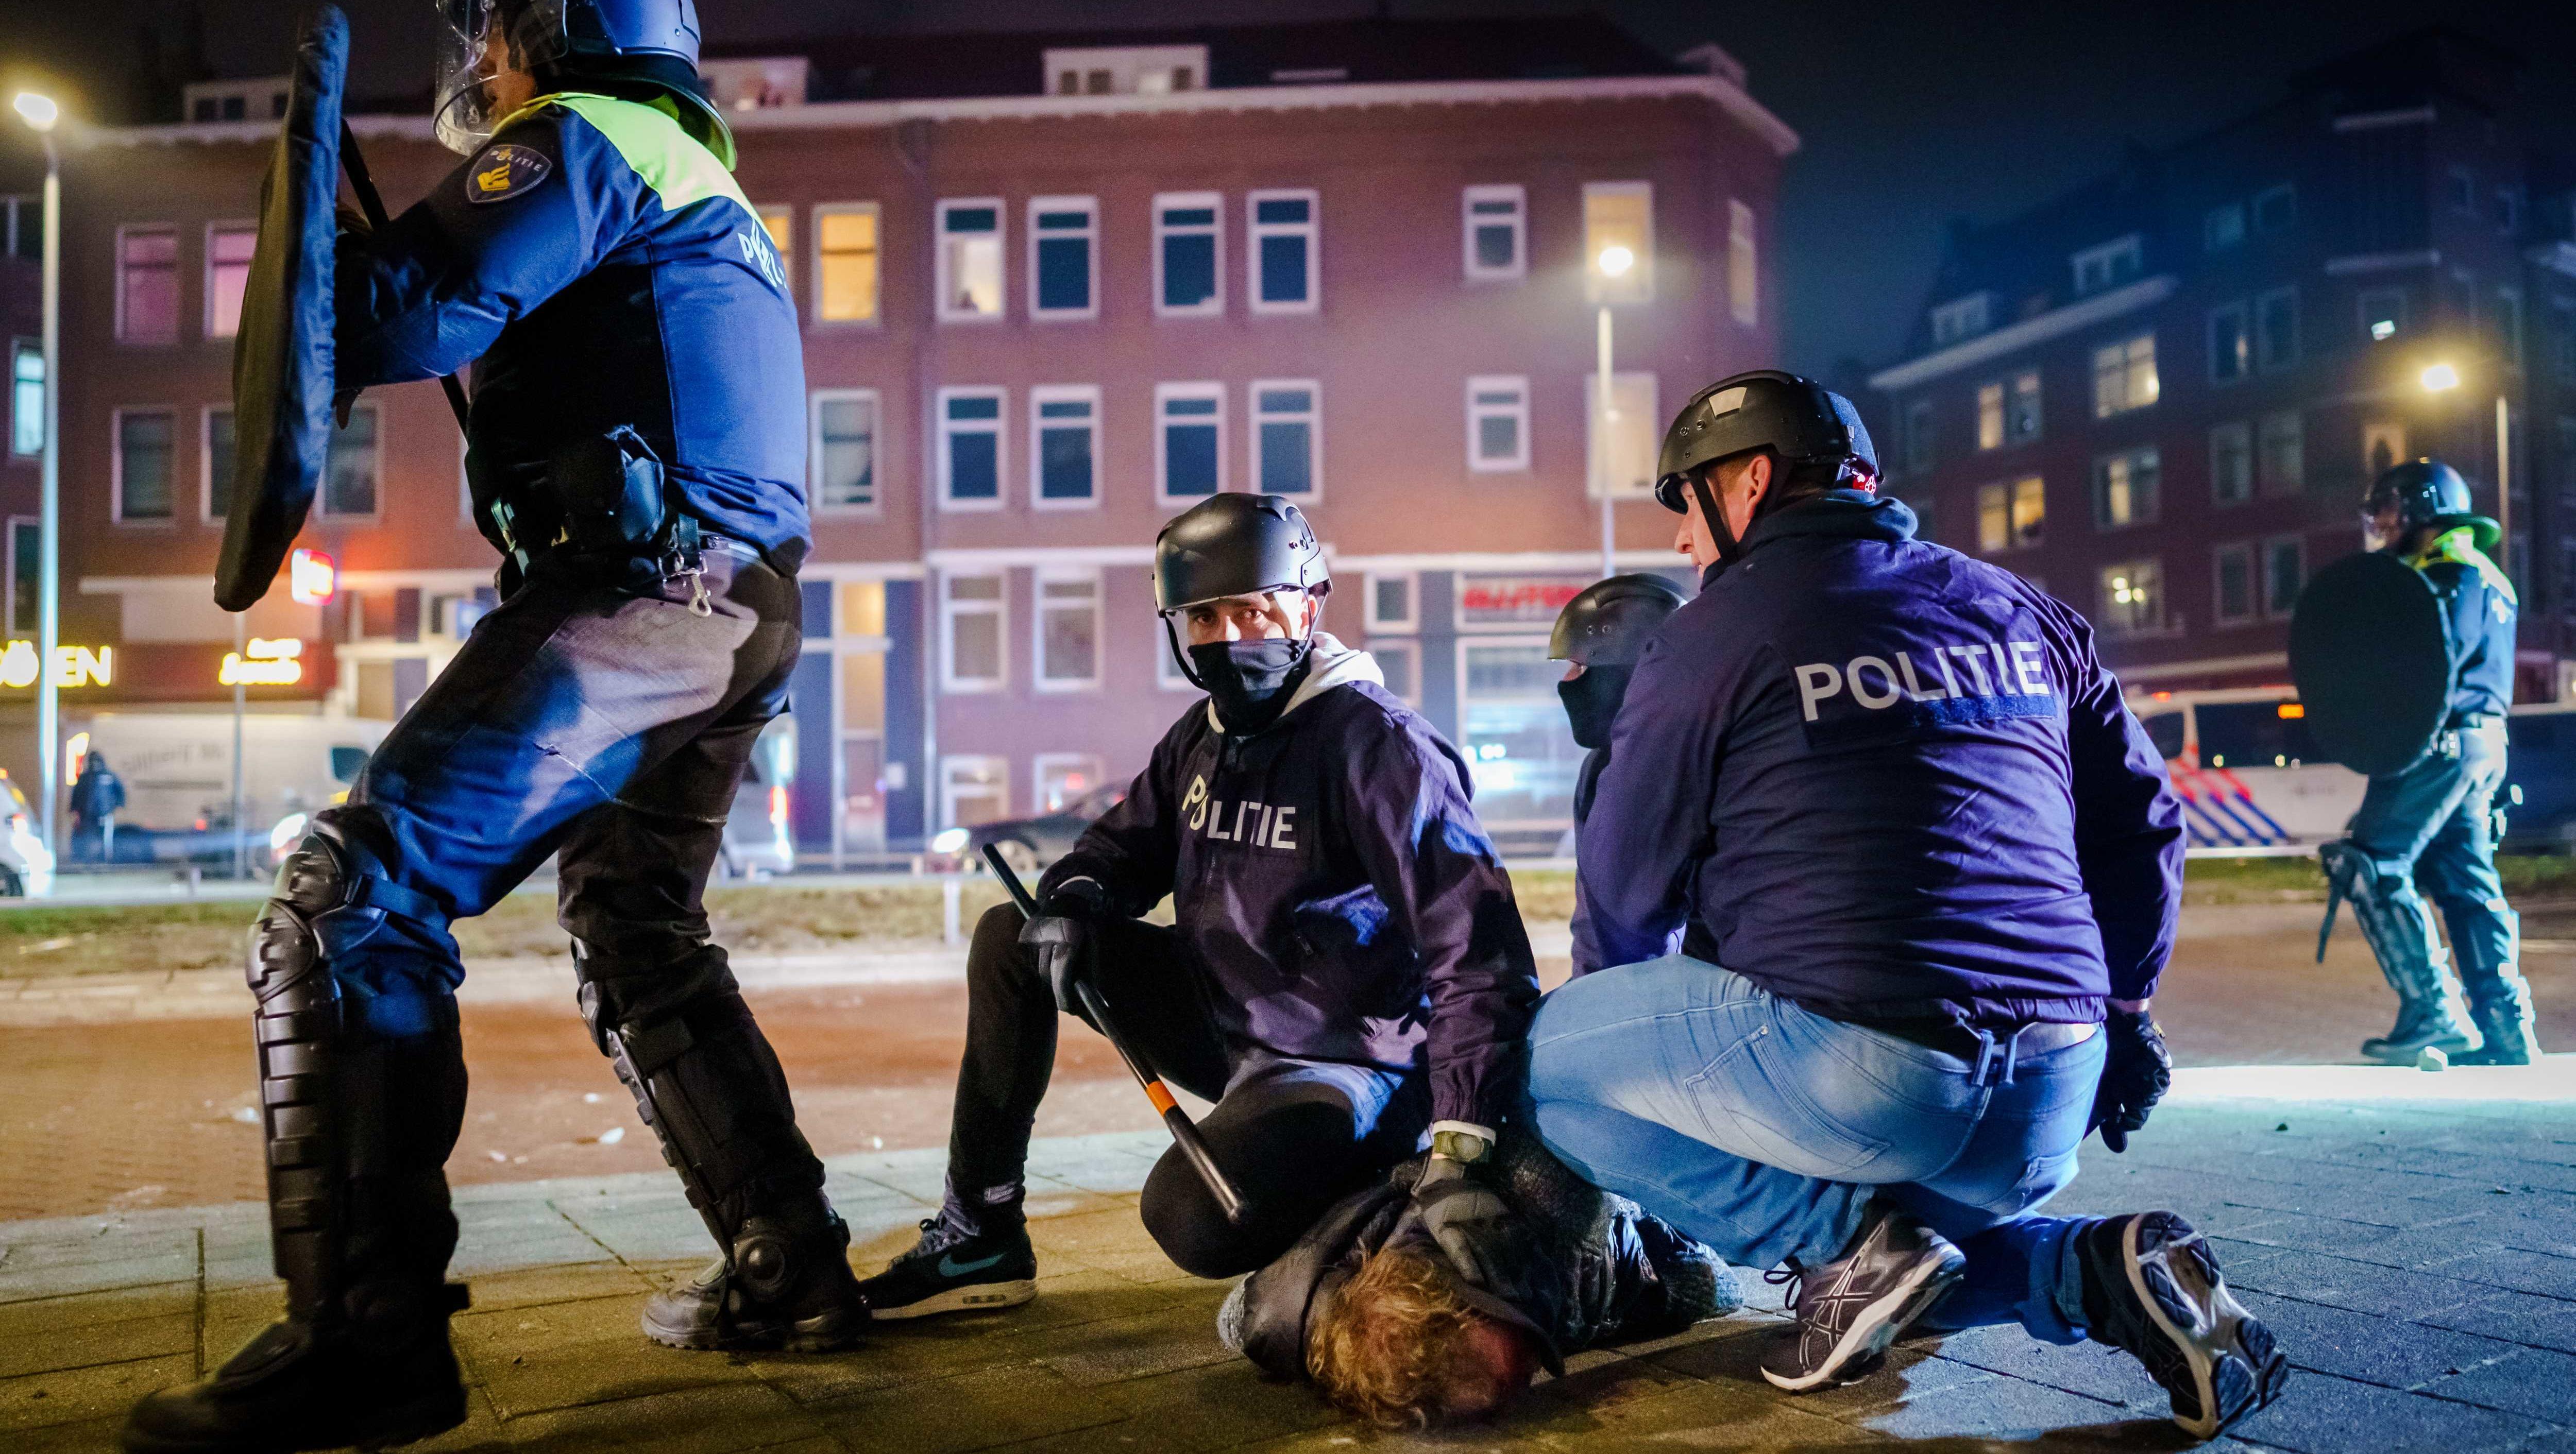 Mehr als 130 Festnahmen in Niederlanden...